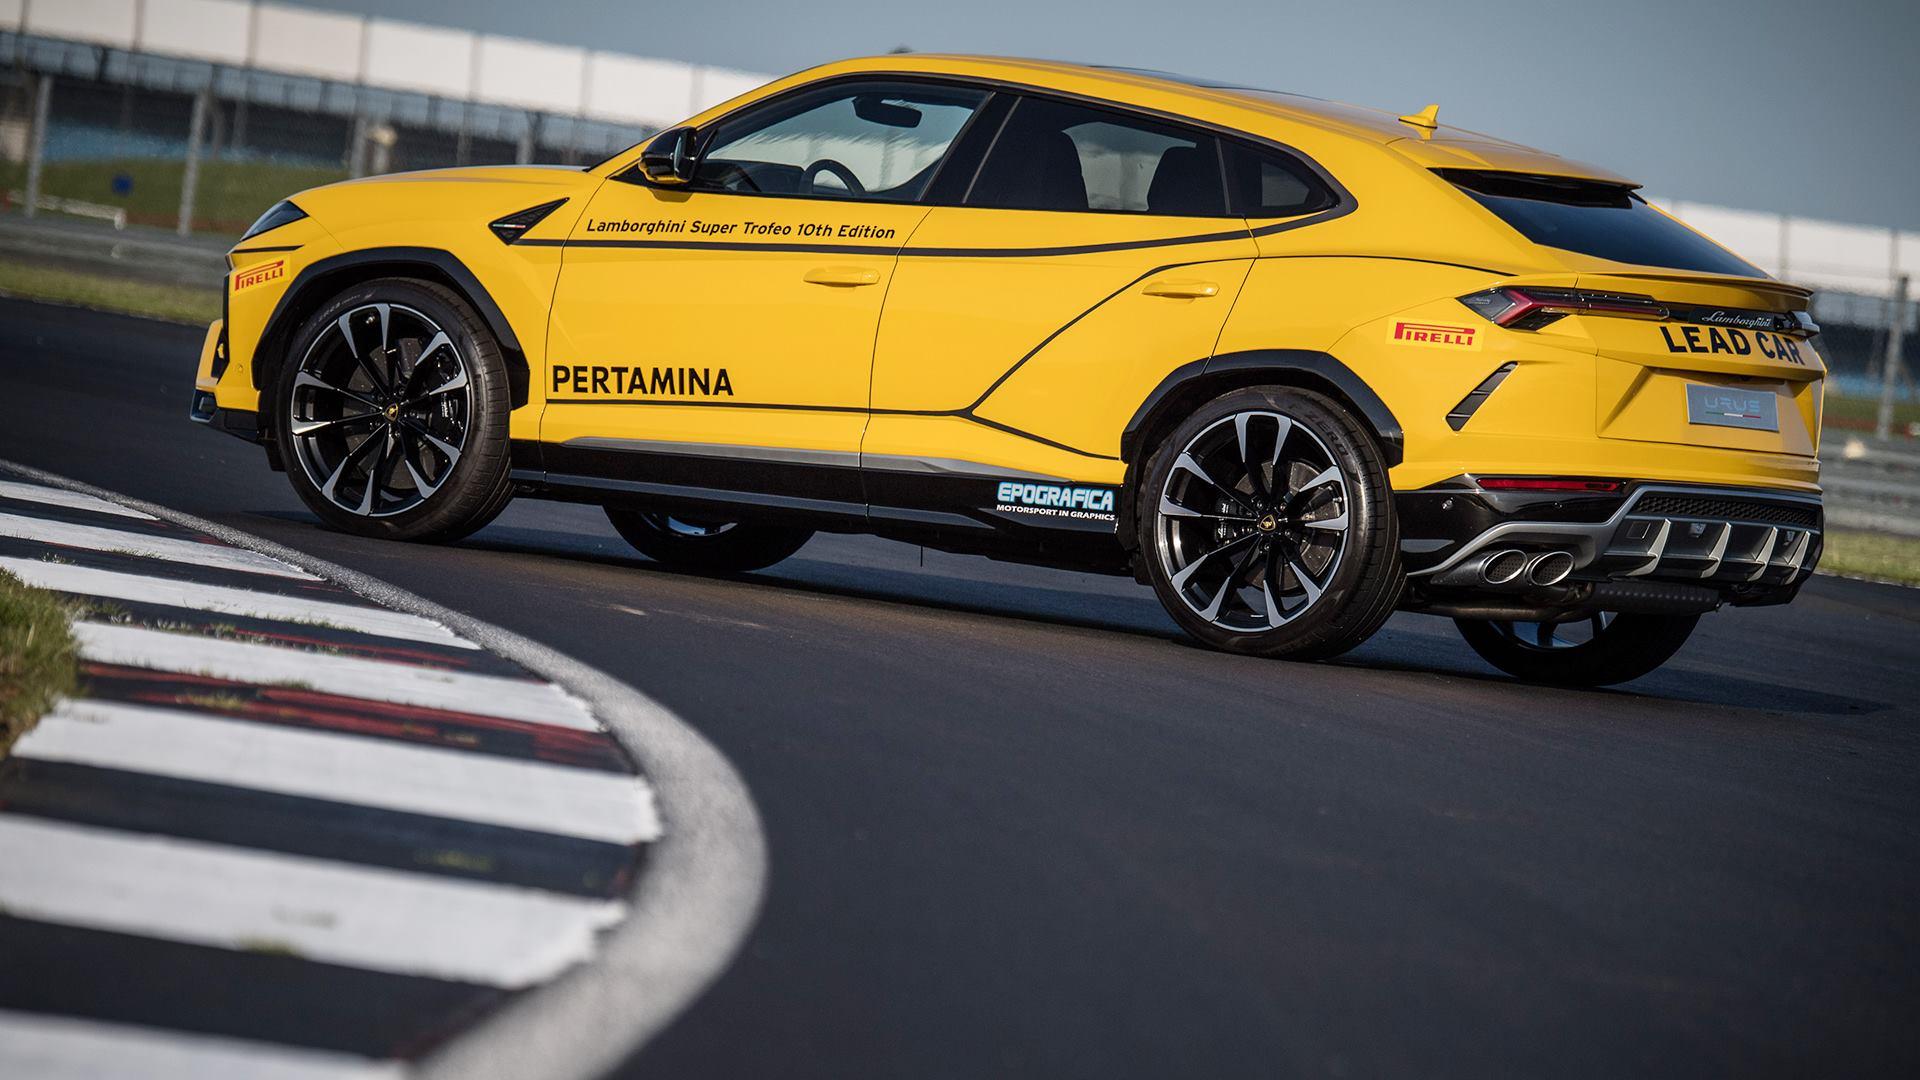 Lamborghini Urus Looks Ready To Lead The Super Trofeo Series